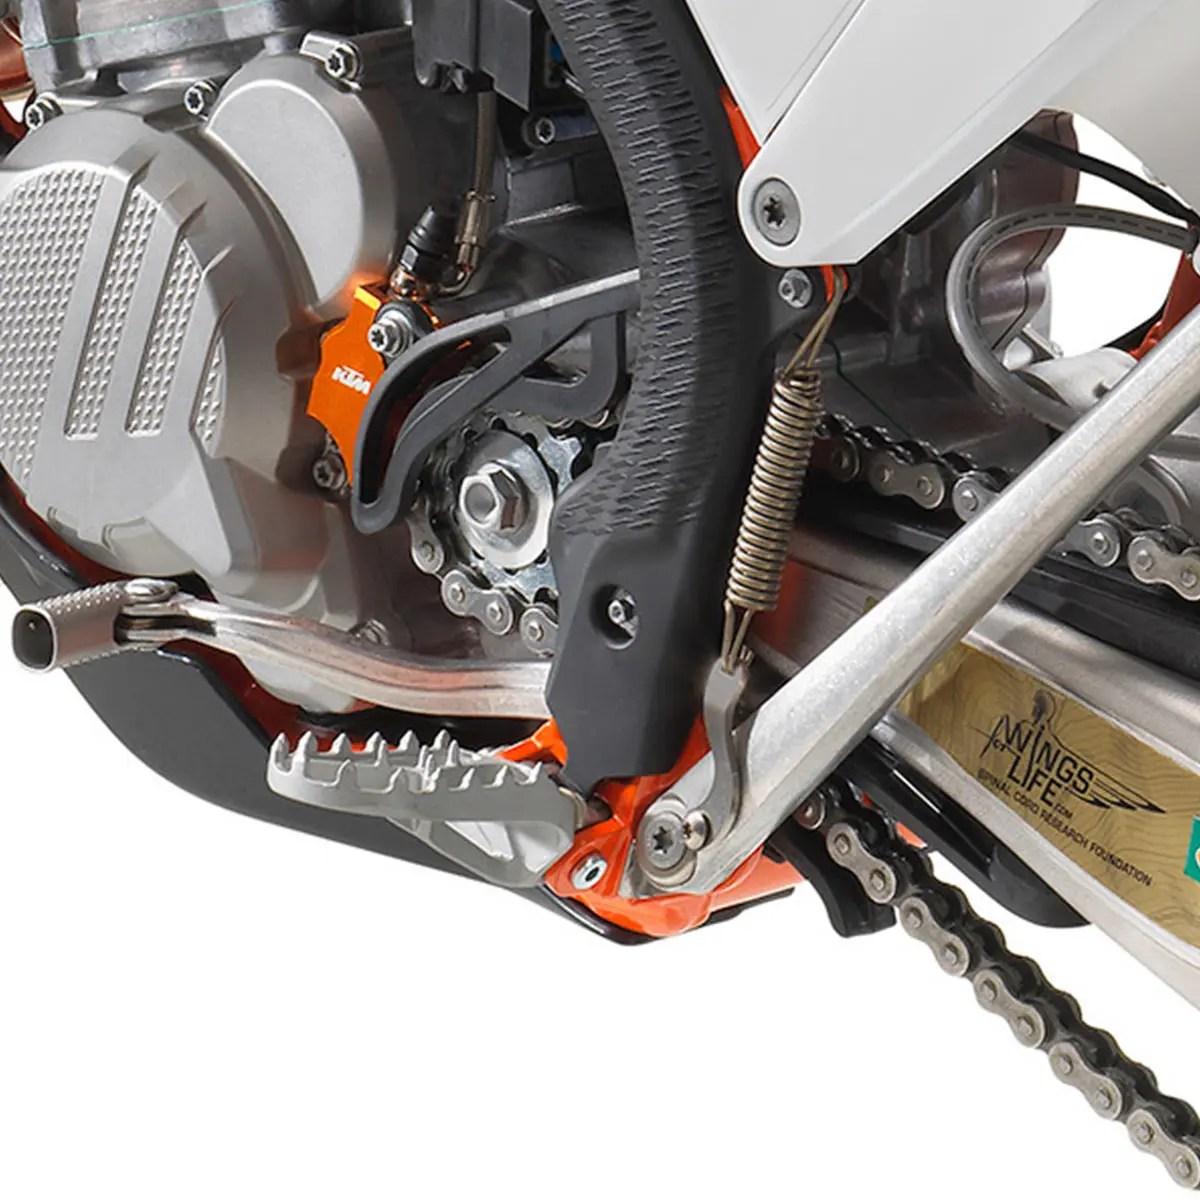 REPOSE-PIED-KTM-300-EXC-TPI-ERZBERGRODEO-2020